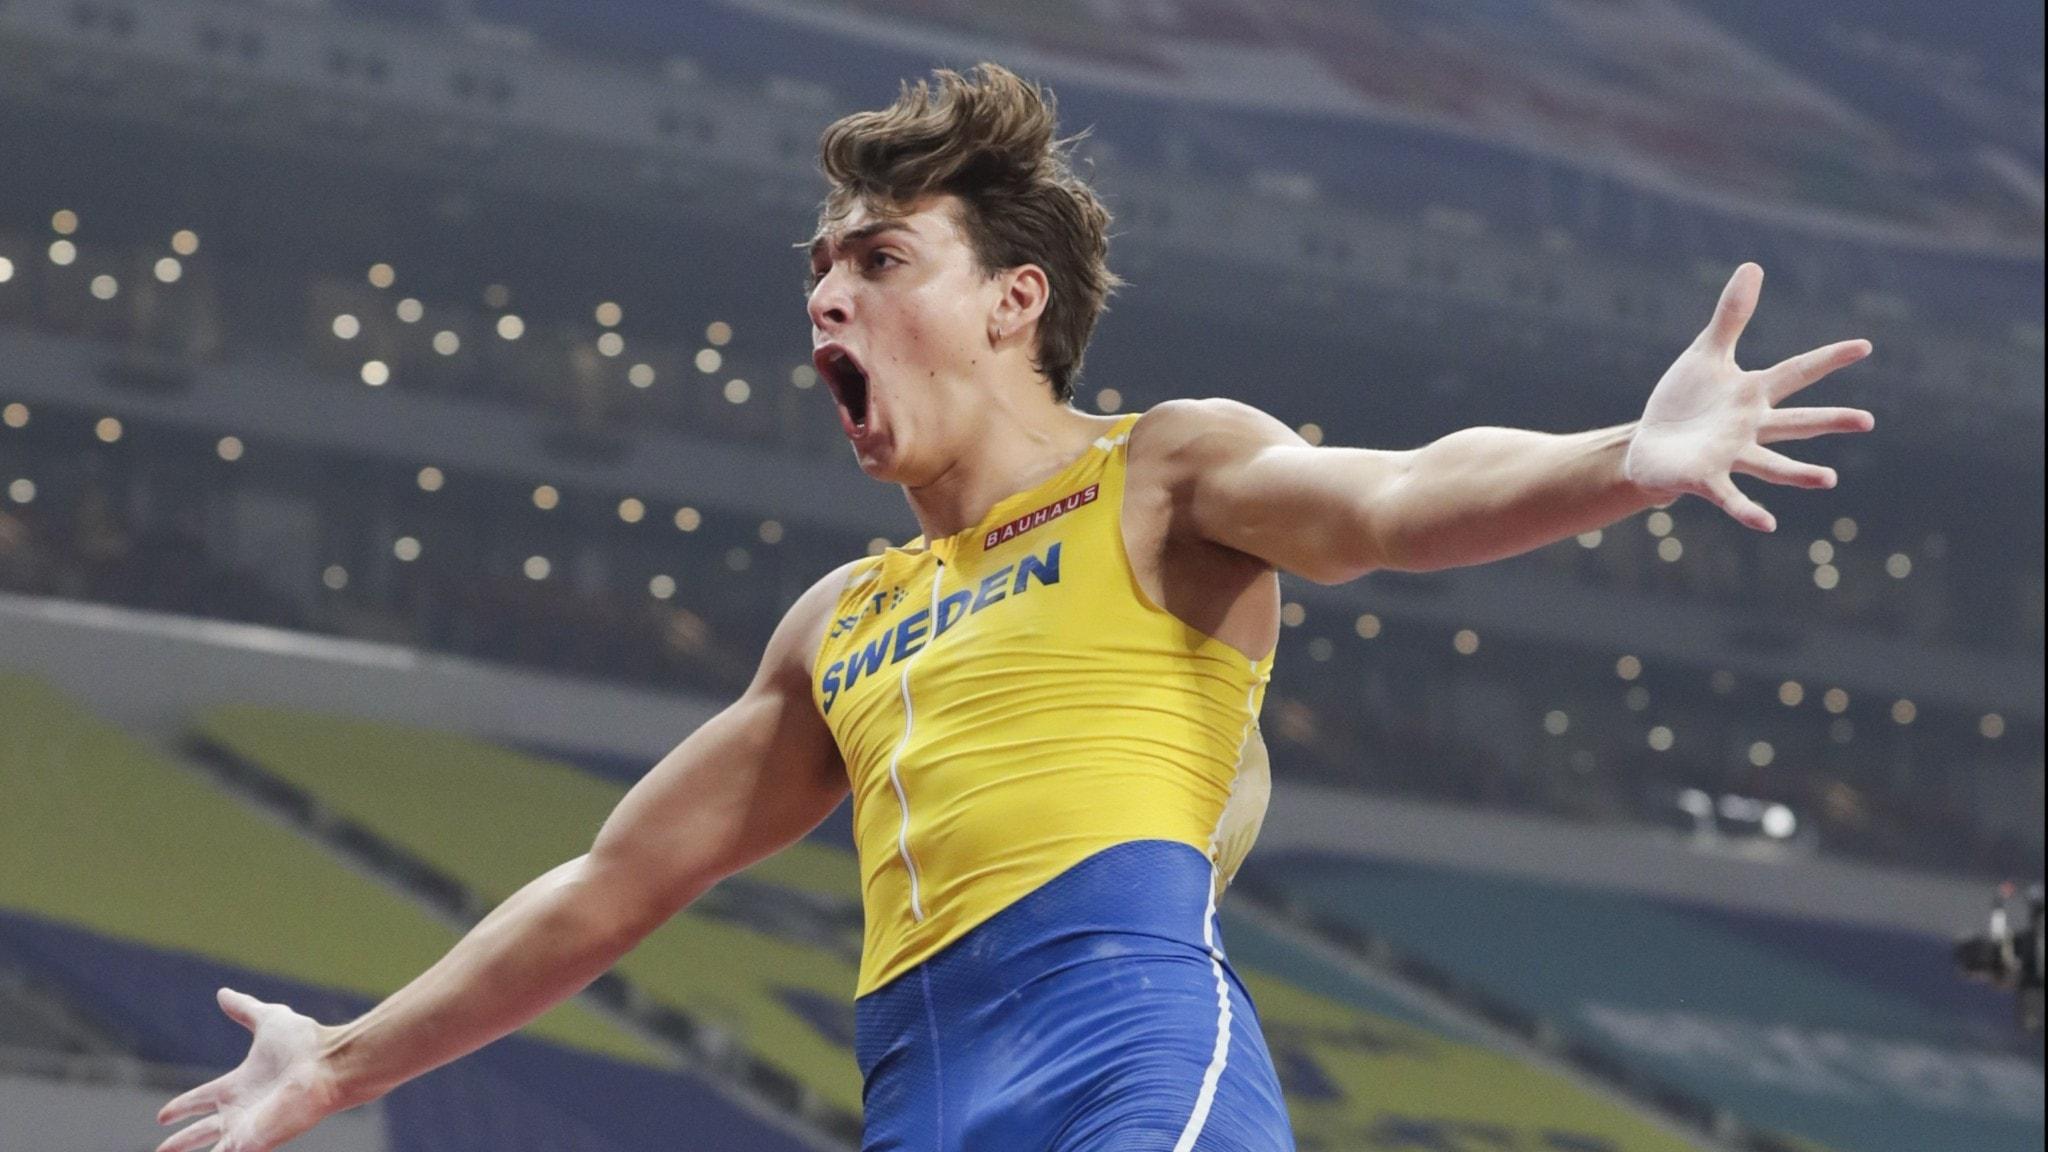 höjdhopparen Armand Duplantis jublar efter att ha klarat silverhöjd i VM.